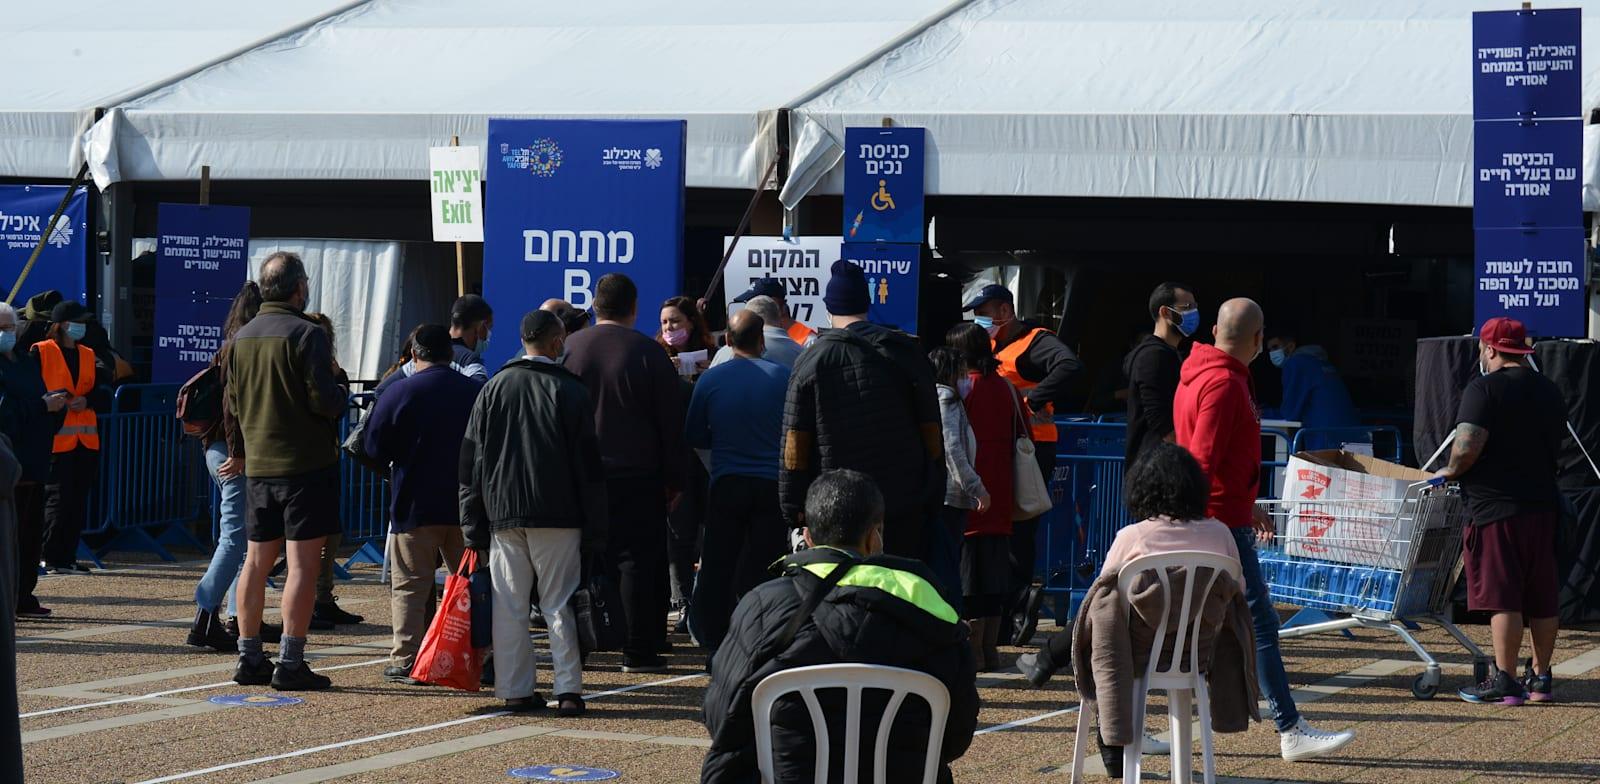 מתחסנים לקורונה בכיכר רבין בתל אביב / צילום: איל יצהר